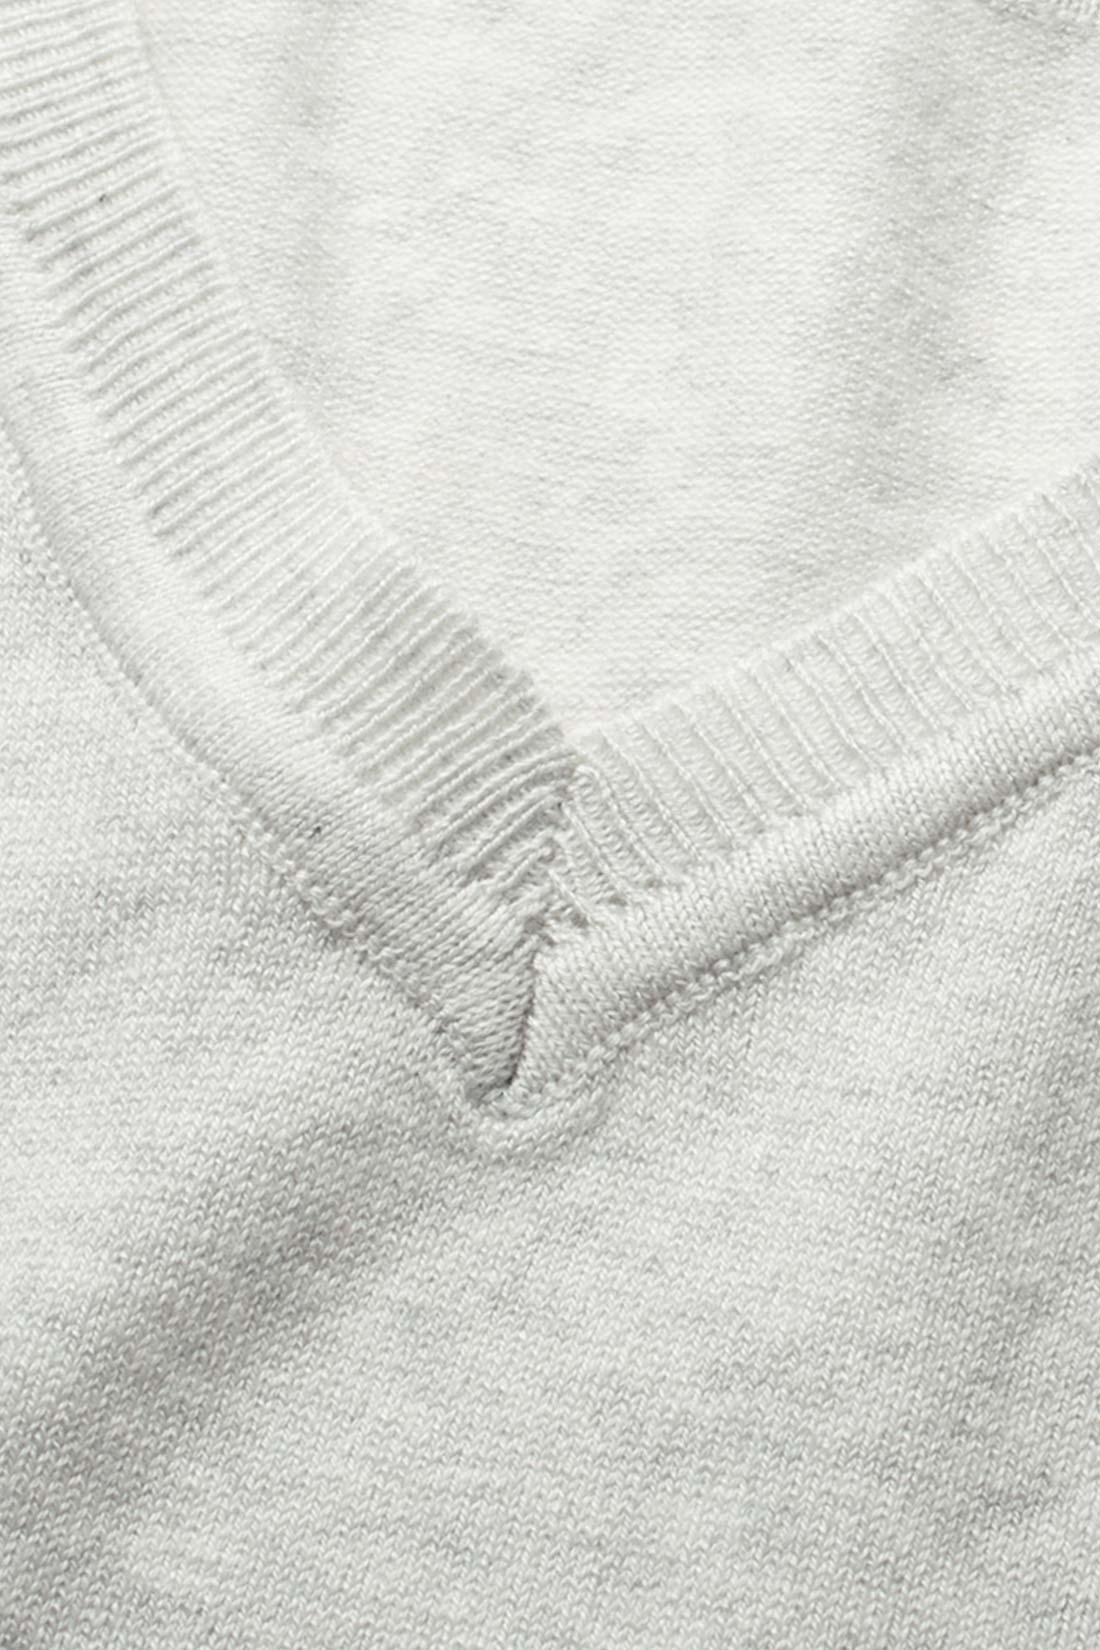 編地に変化をつけた衿もとがポイントに。